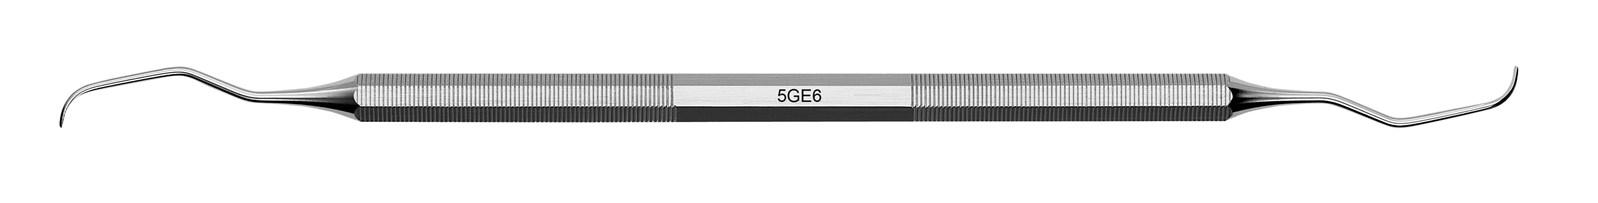 Kyreta Gracey Classic - 5GE6, ADEP silikonový návlek šedý